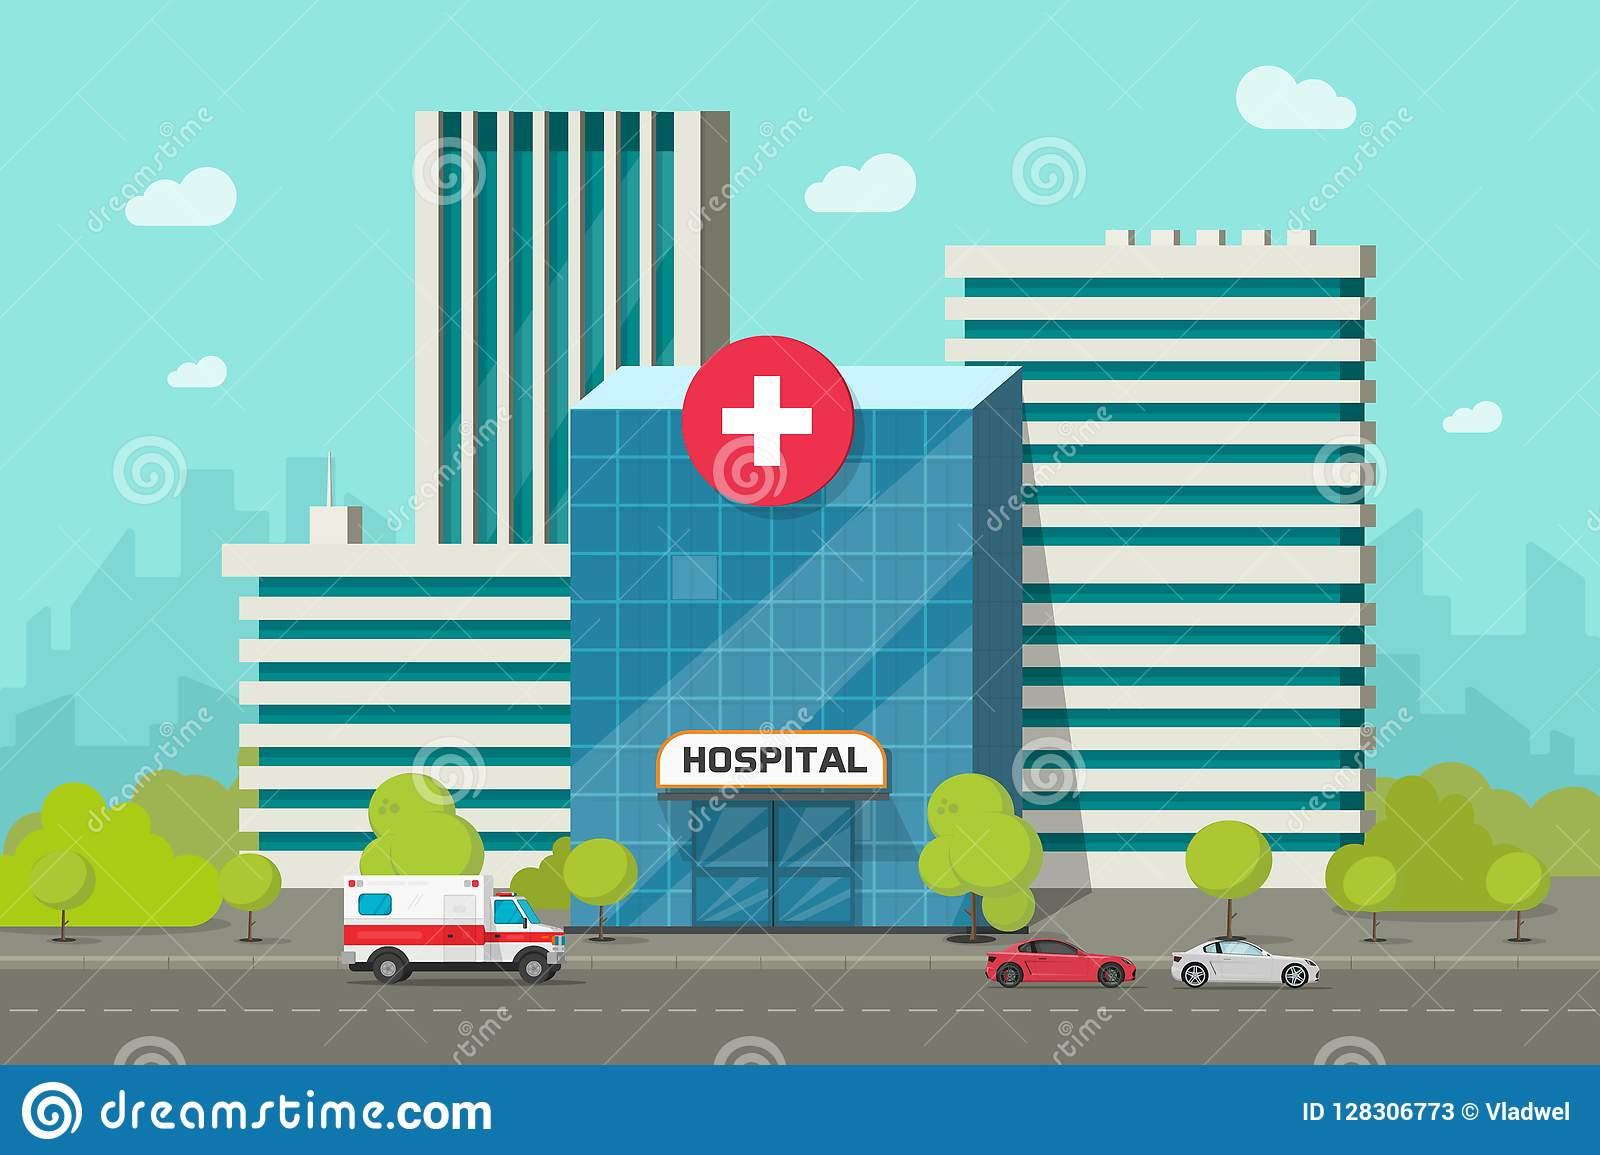 Hospital Building Vector Illustration, Flat Cartoon Modern Medical.